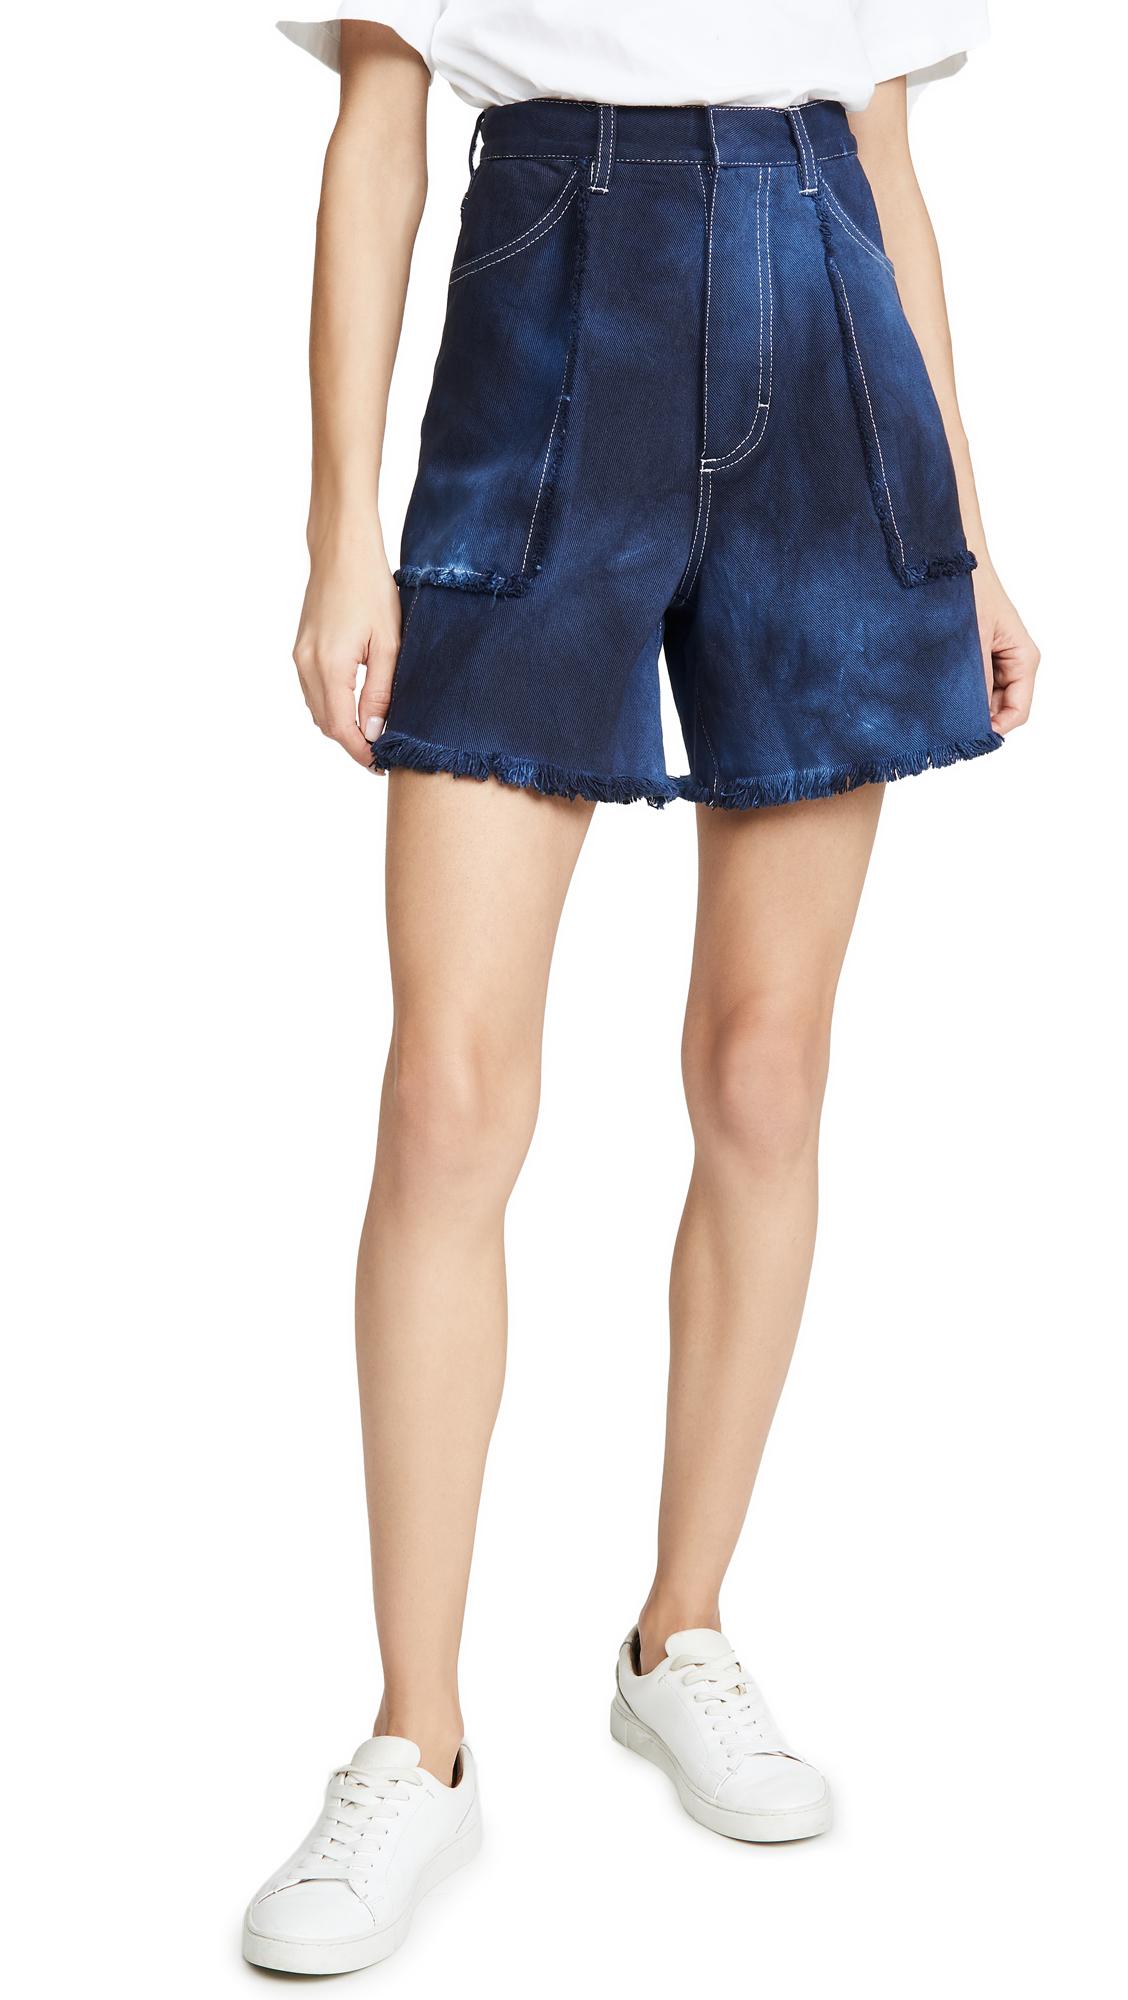 Buy Ksenia Schnaider online - photo of Ksenia Schnaider Denim Tie Dye Shorts